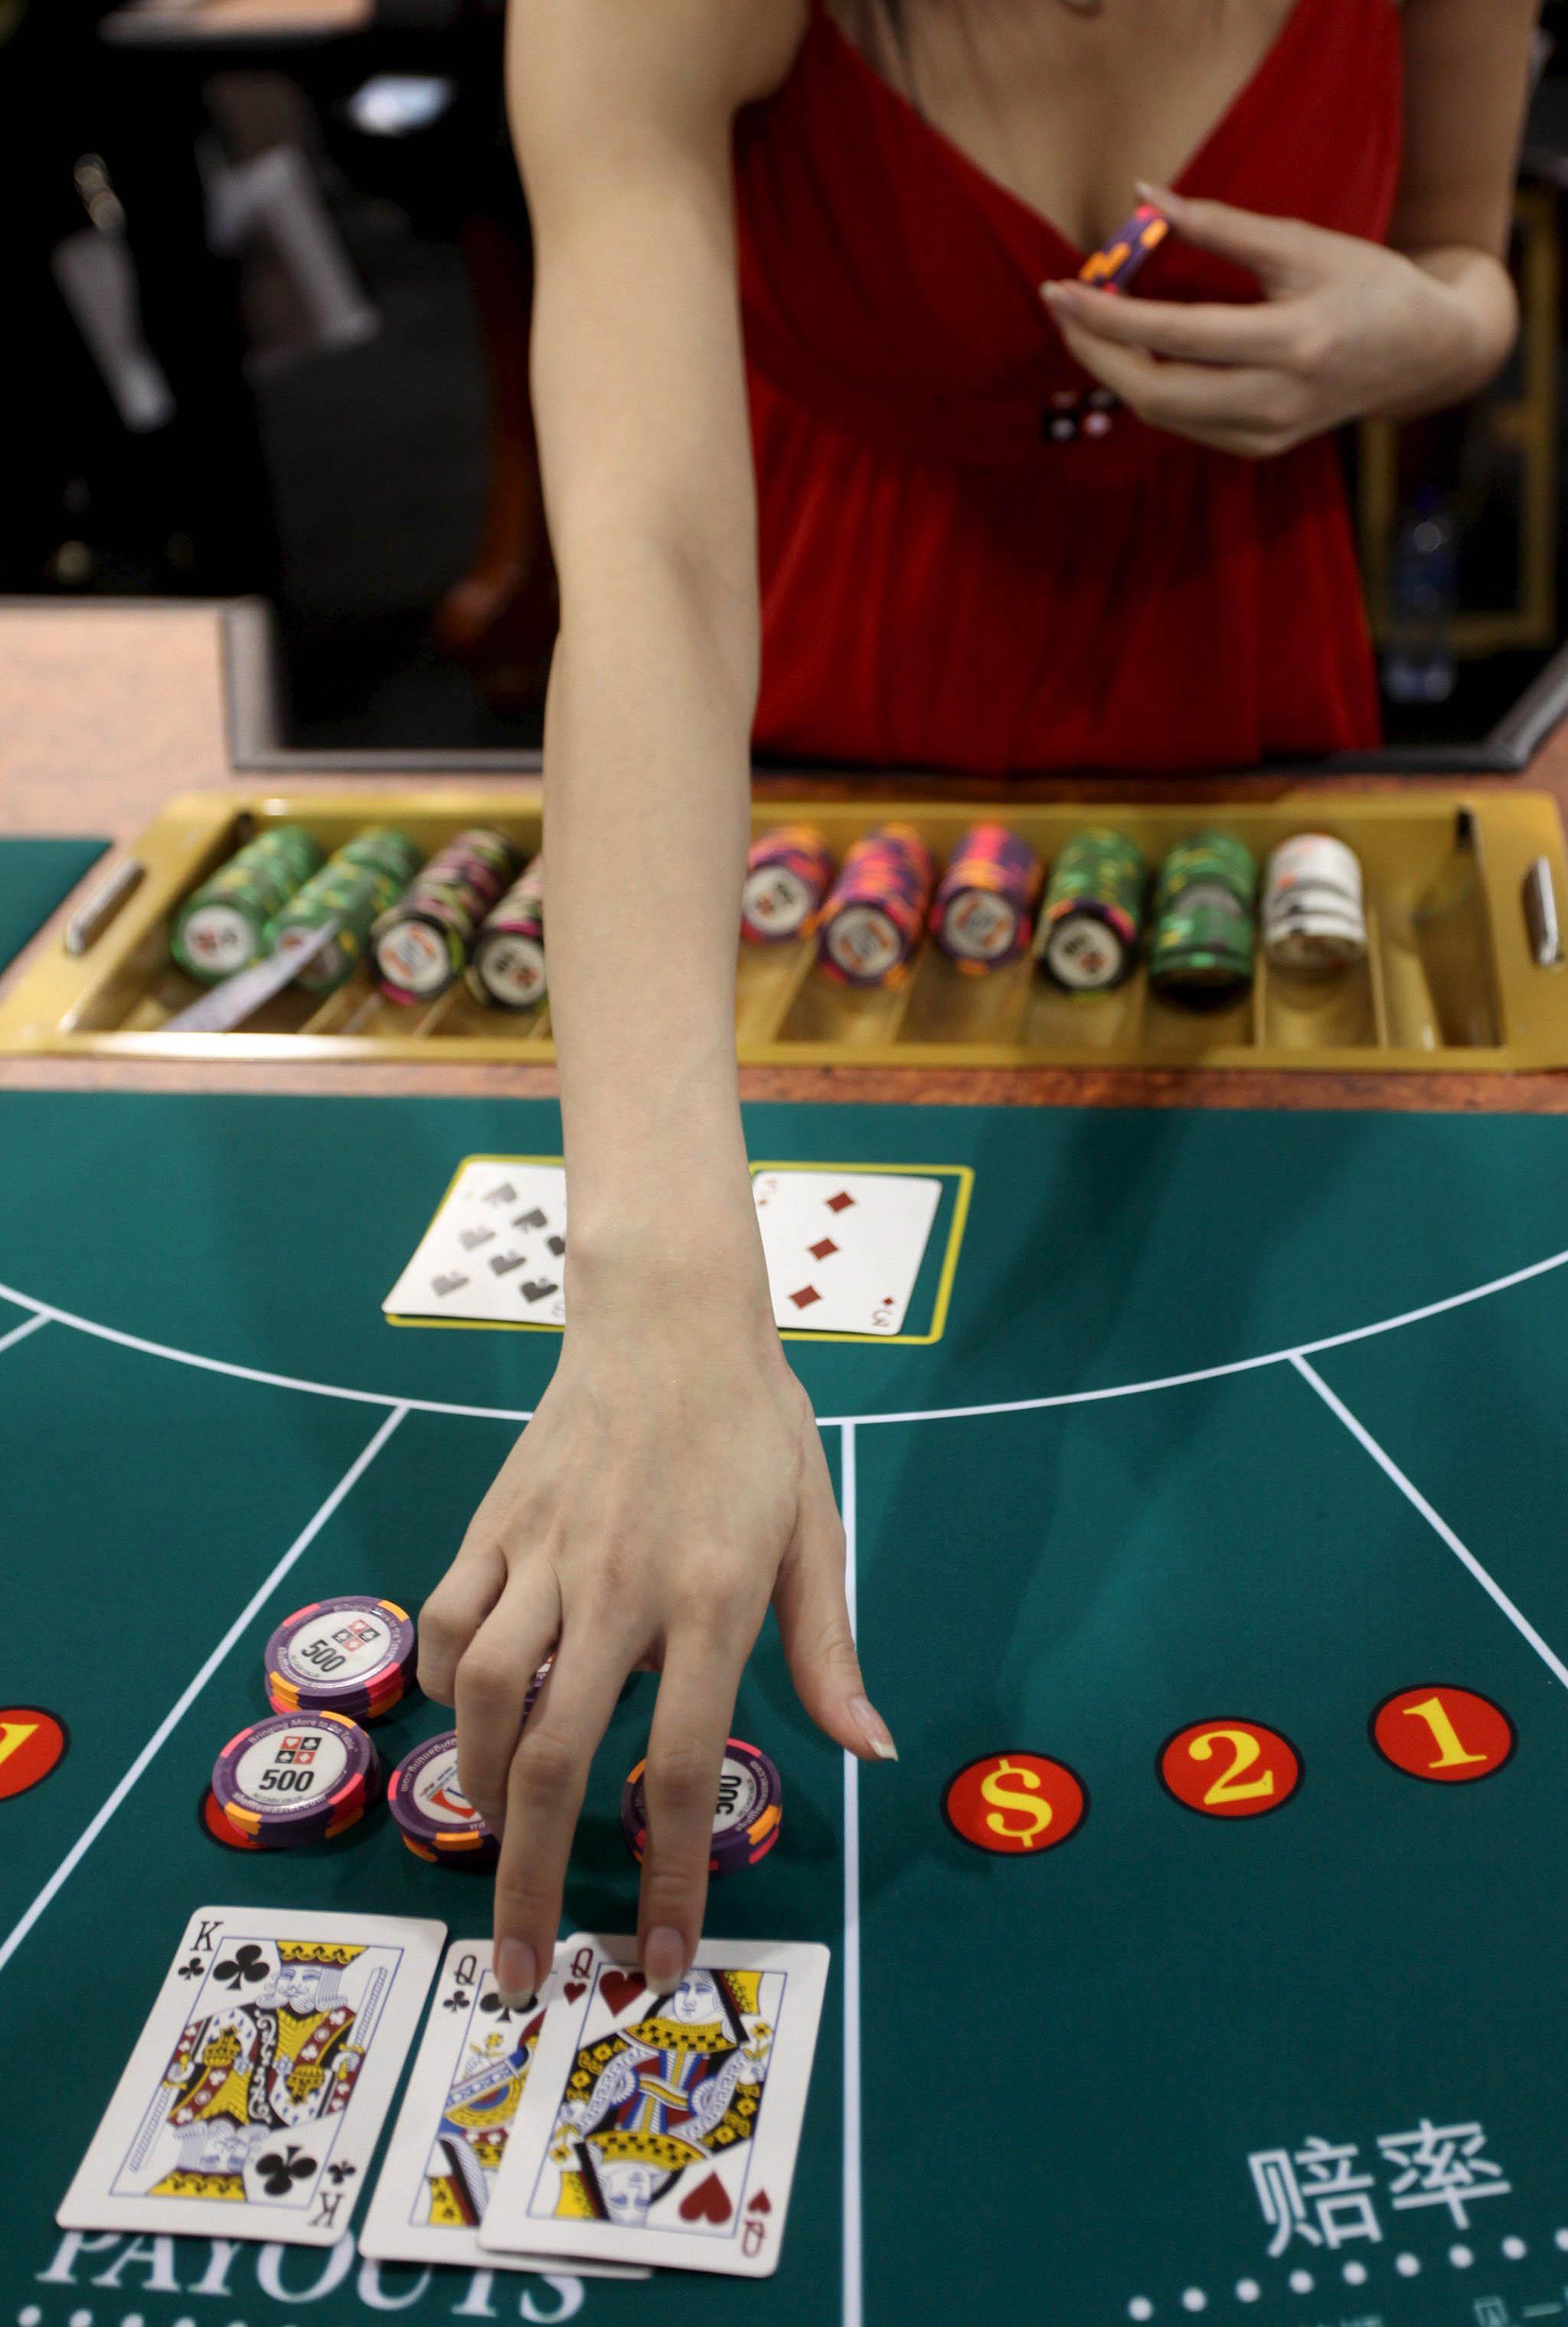 Casinos   Leong Sun Iok pede excepções à interdição de entrada de funcionários nas salas de jogo